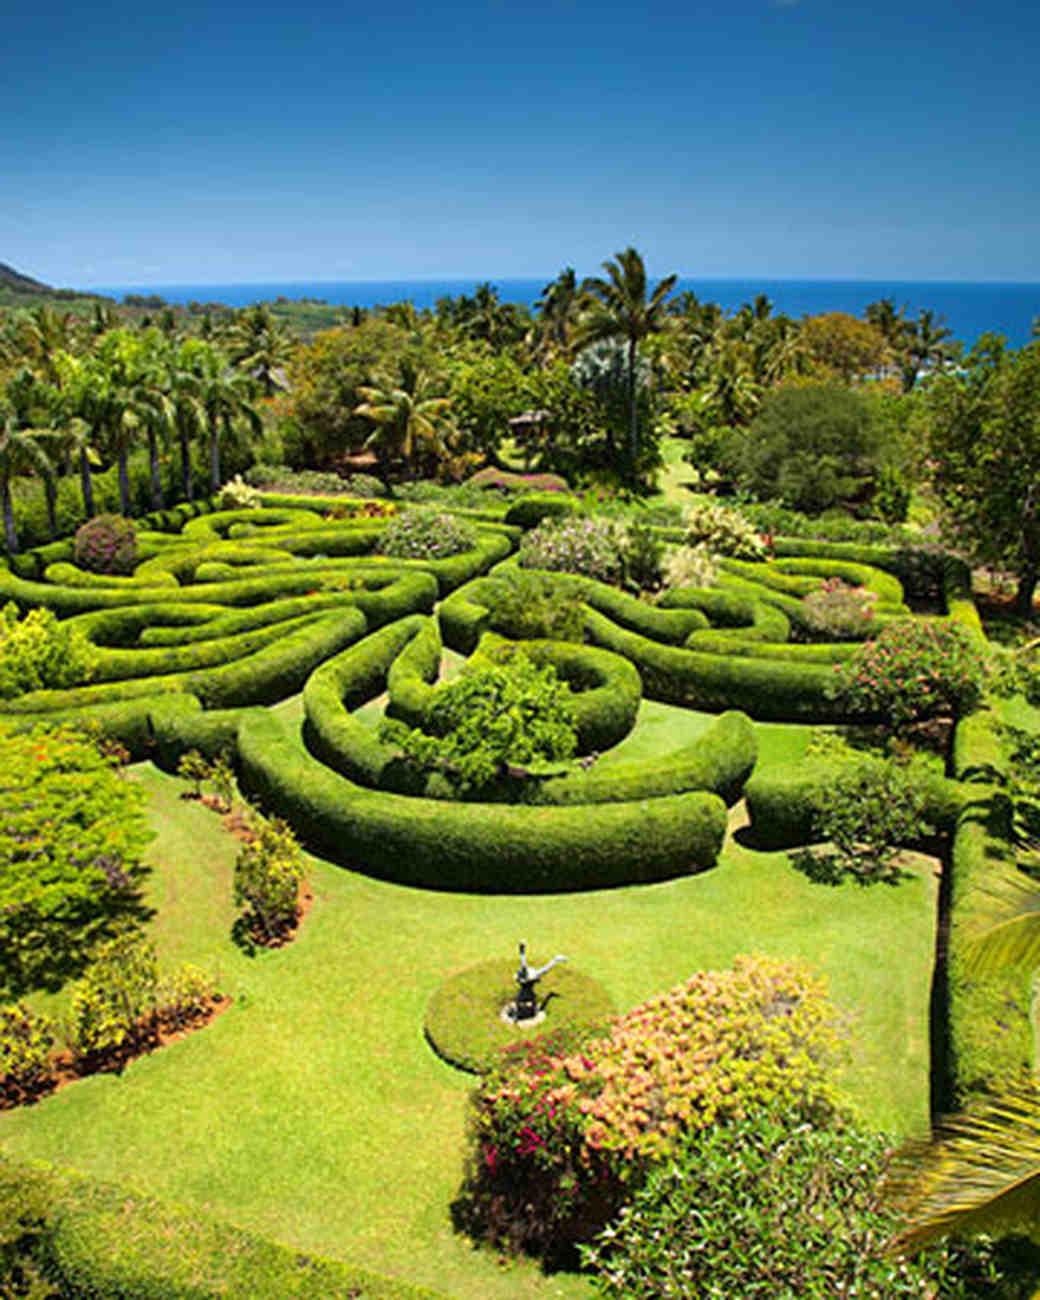 msw_sip10_hawaii_naaina_kai_botanical.jpg